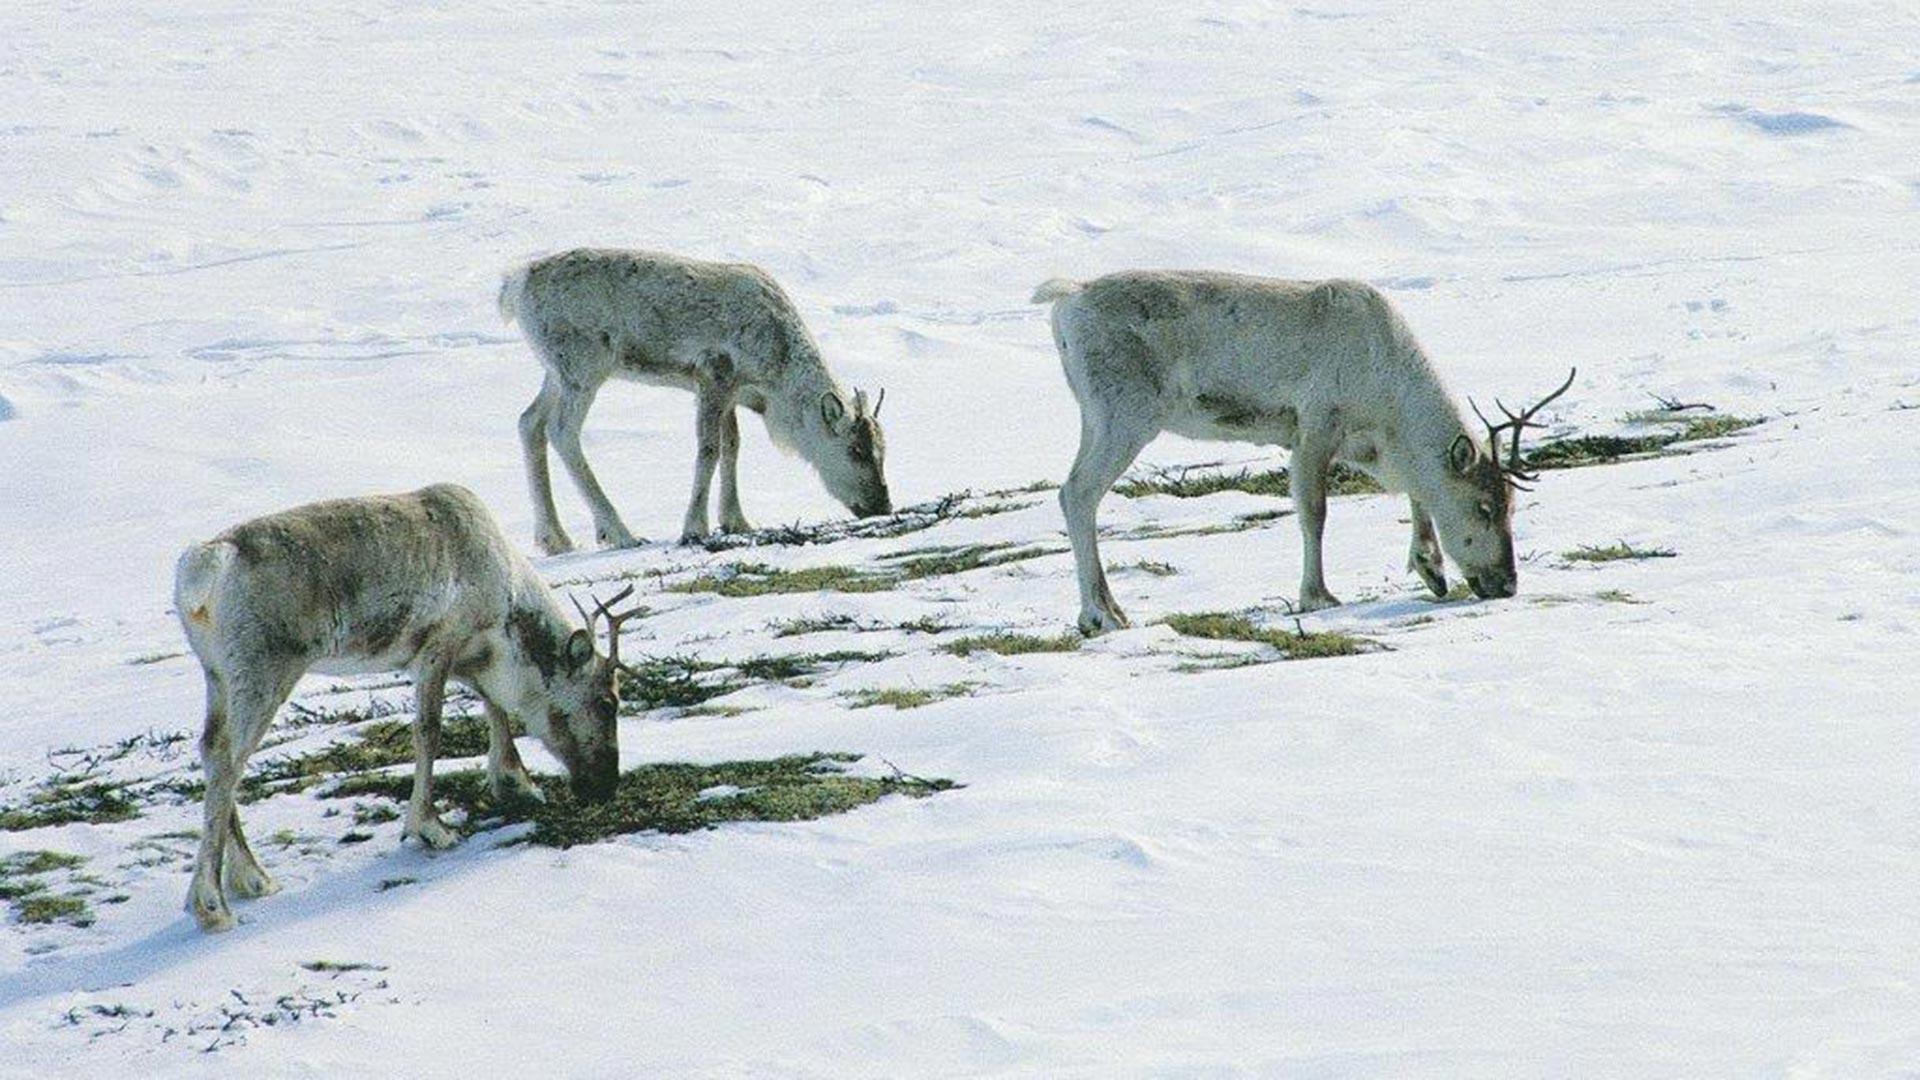 Rein grazing during winter